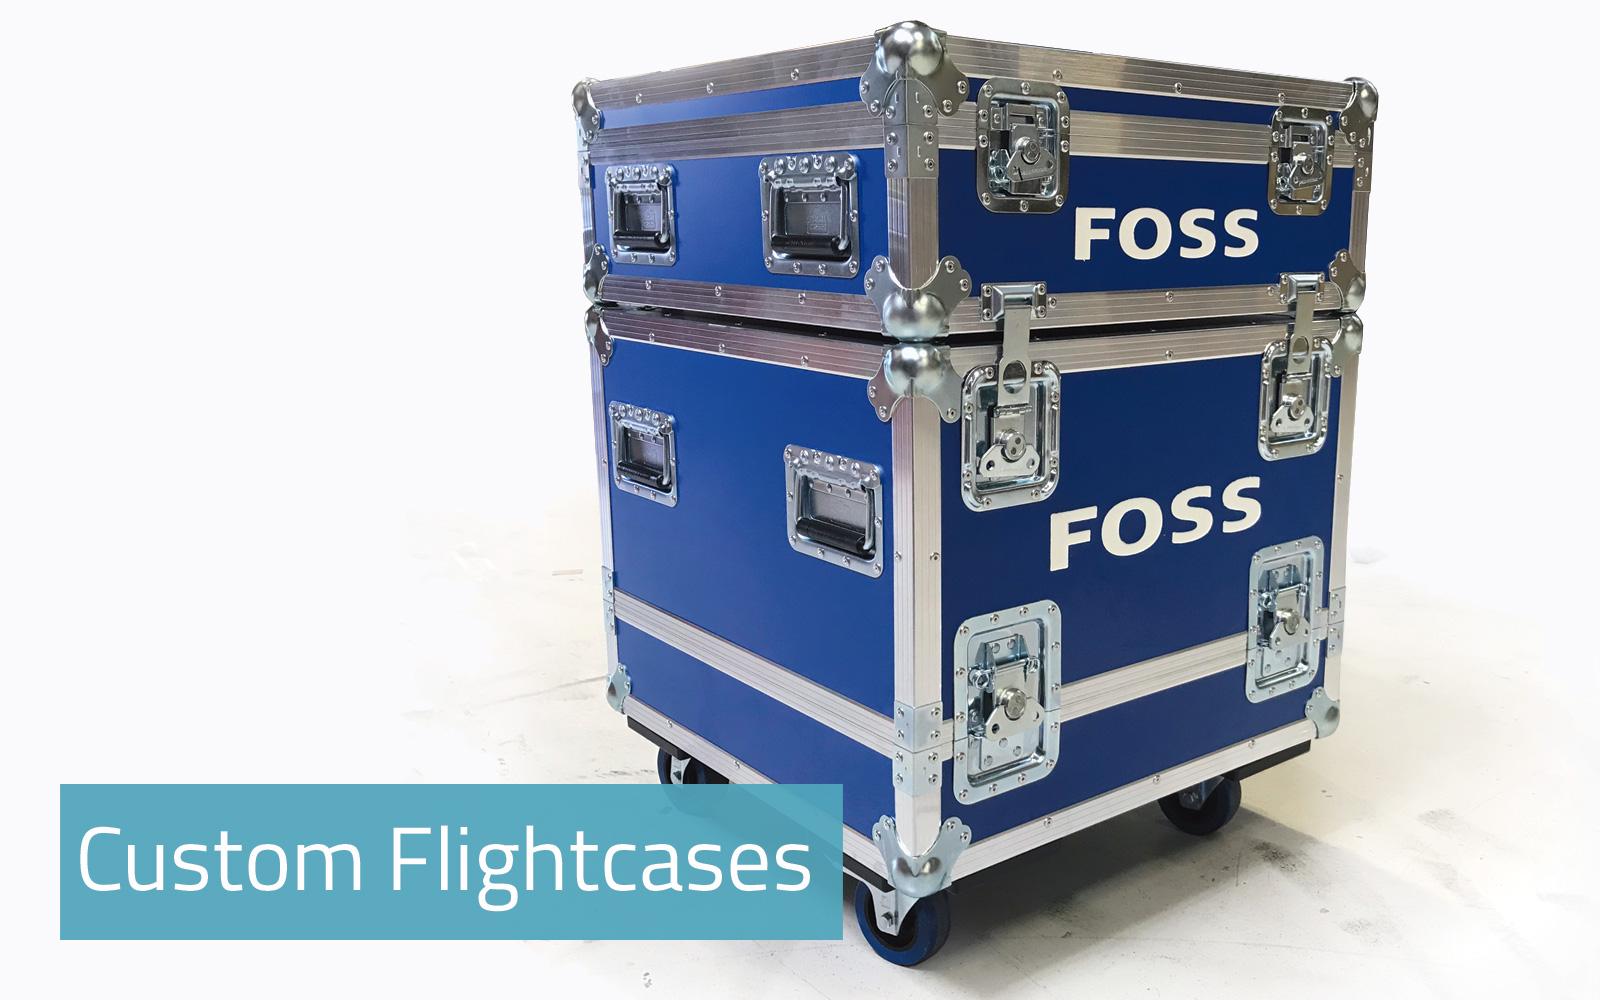 Mere om Custom Flightcases